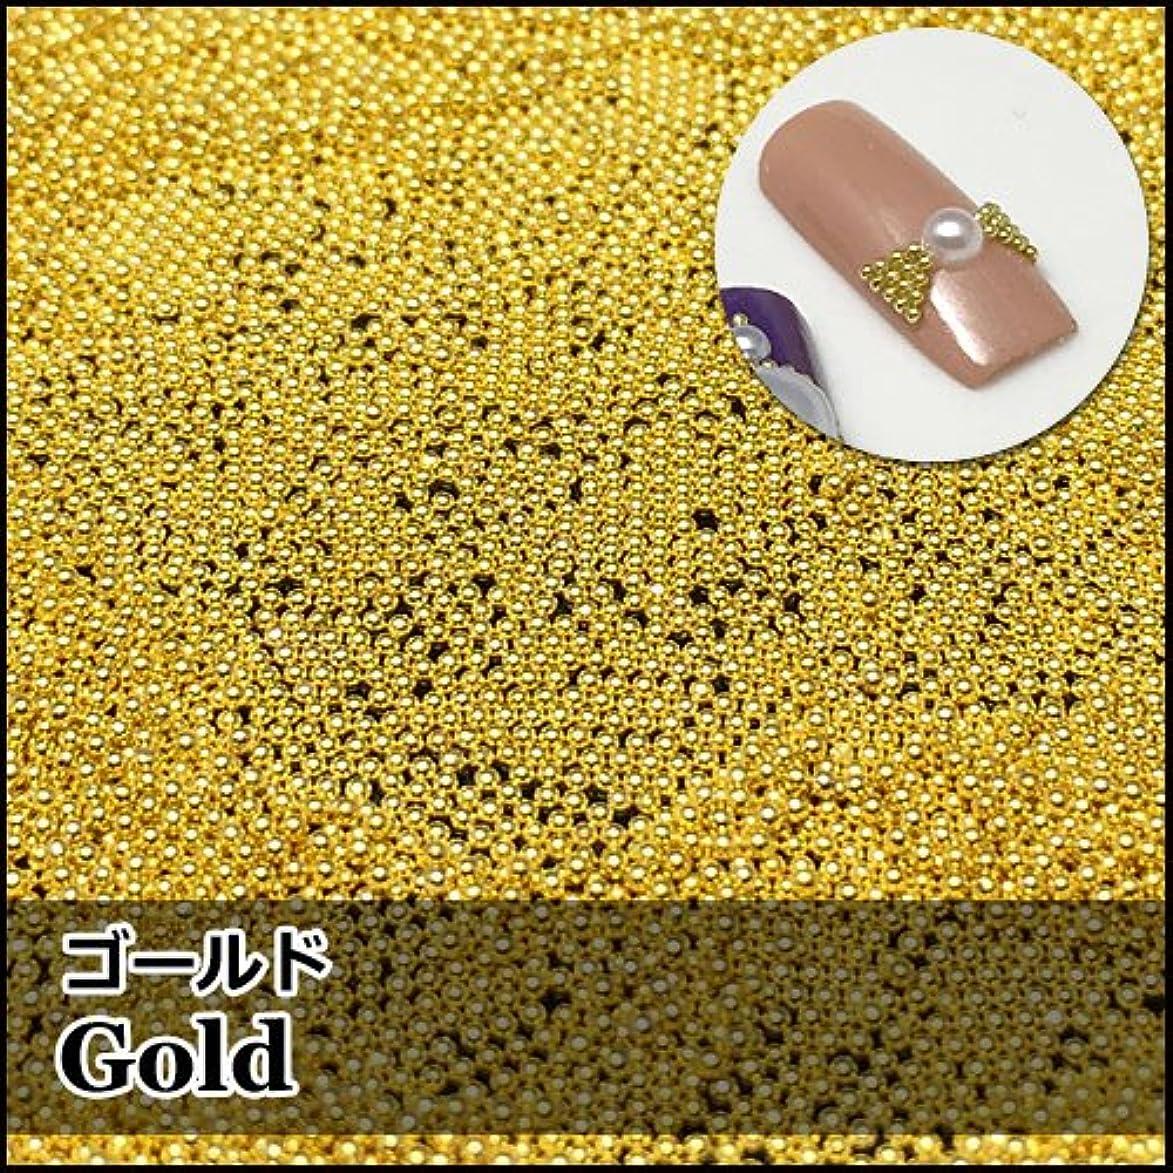 明るくする寺院仕事に行くメタリックブリオン「ゴールド」1mm×3g入り(約600粒) [並行輸入品]